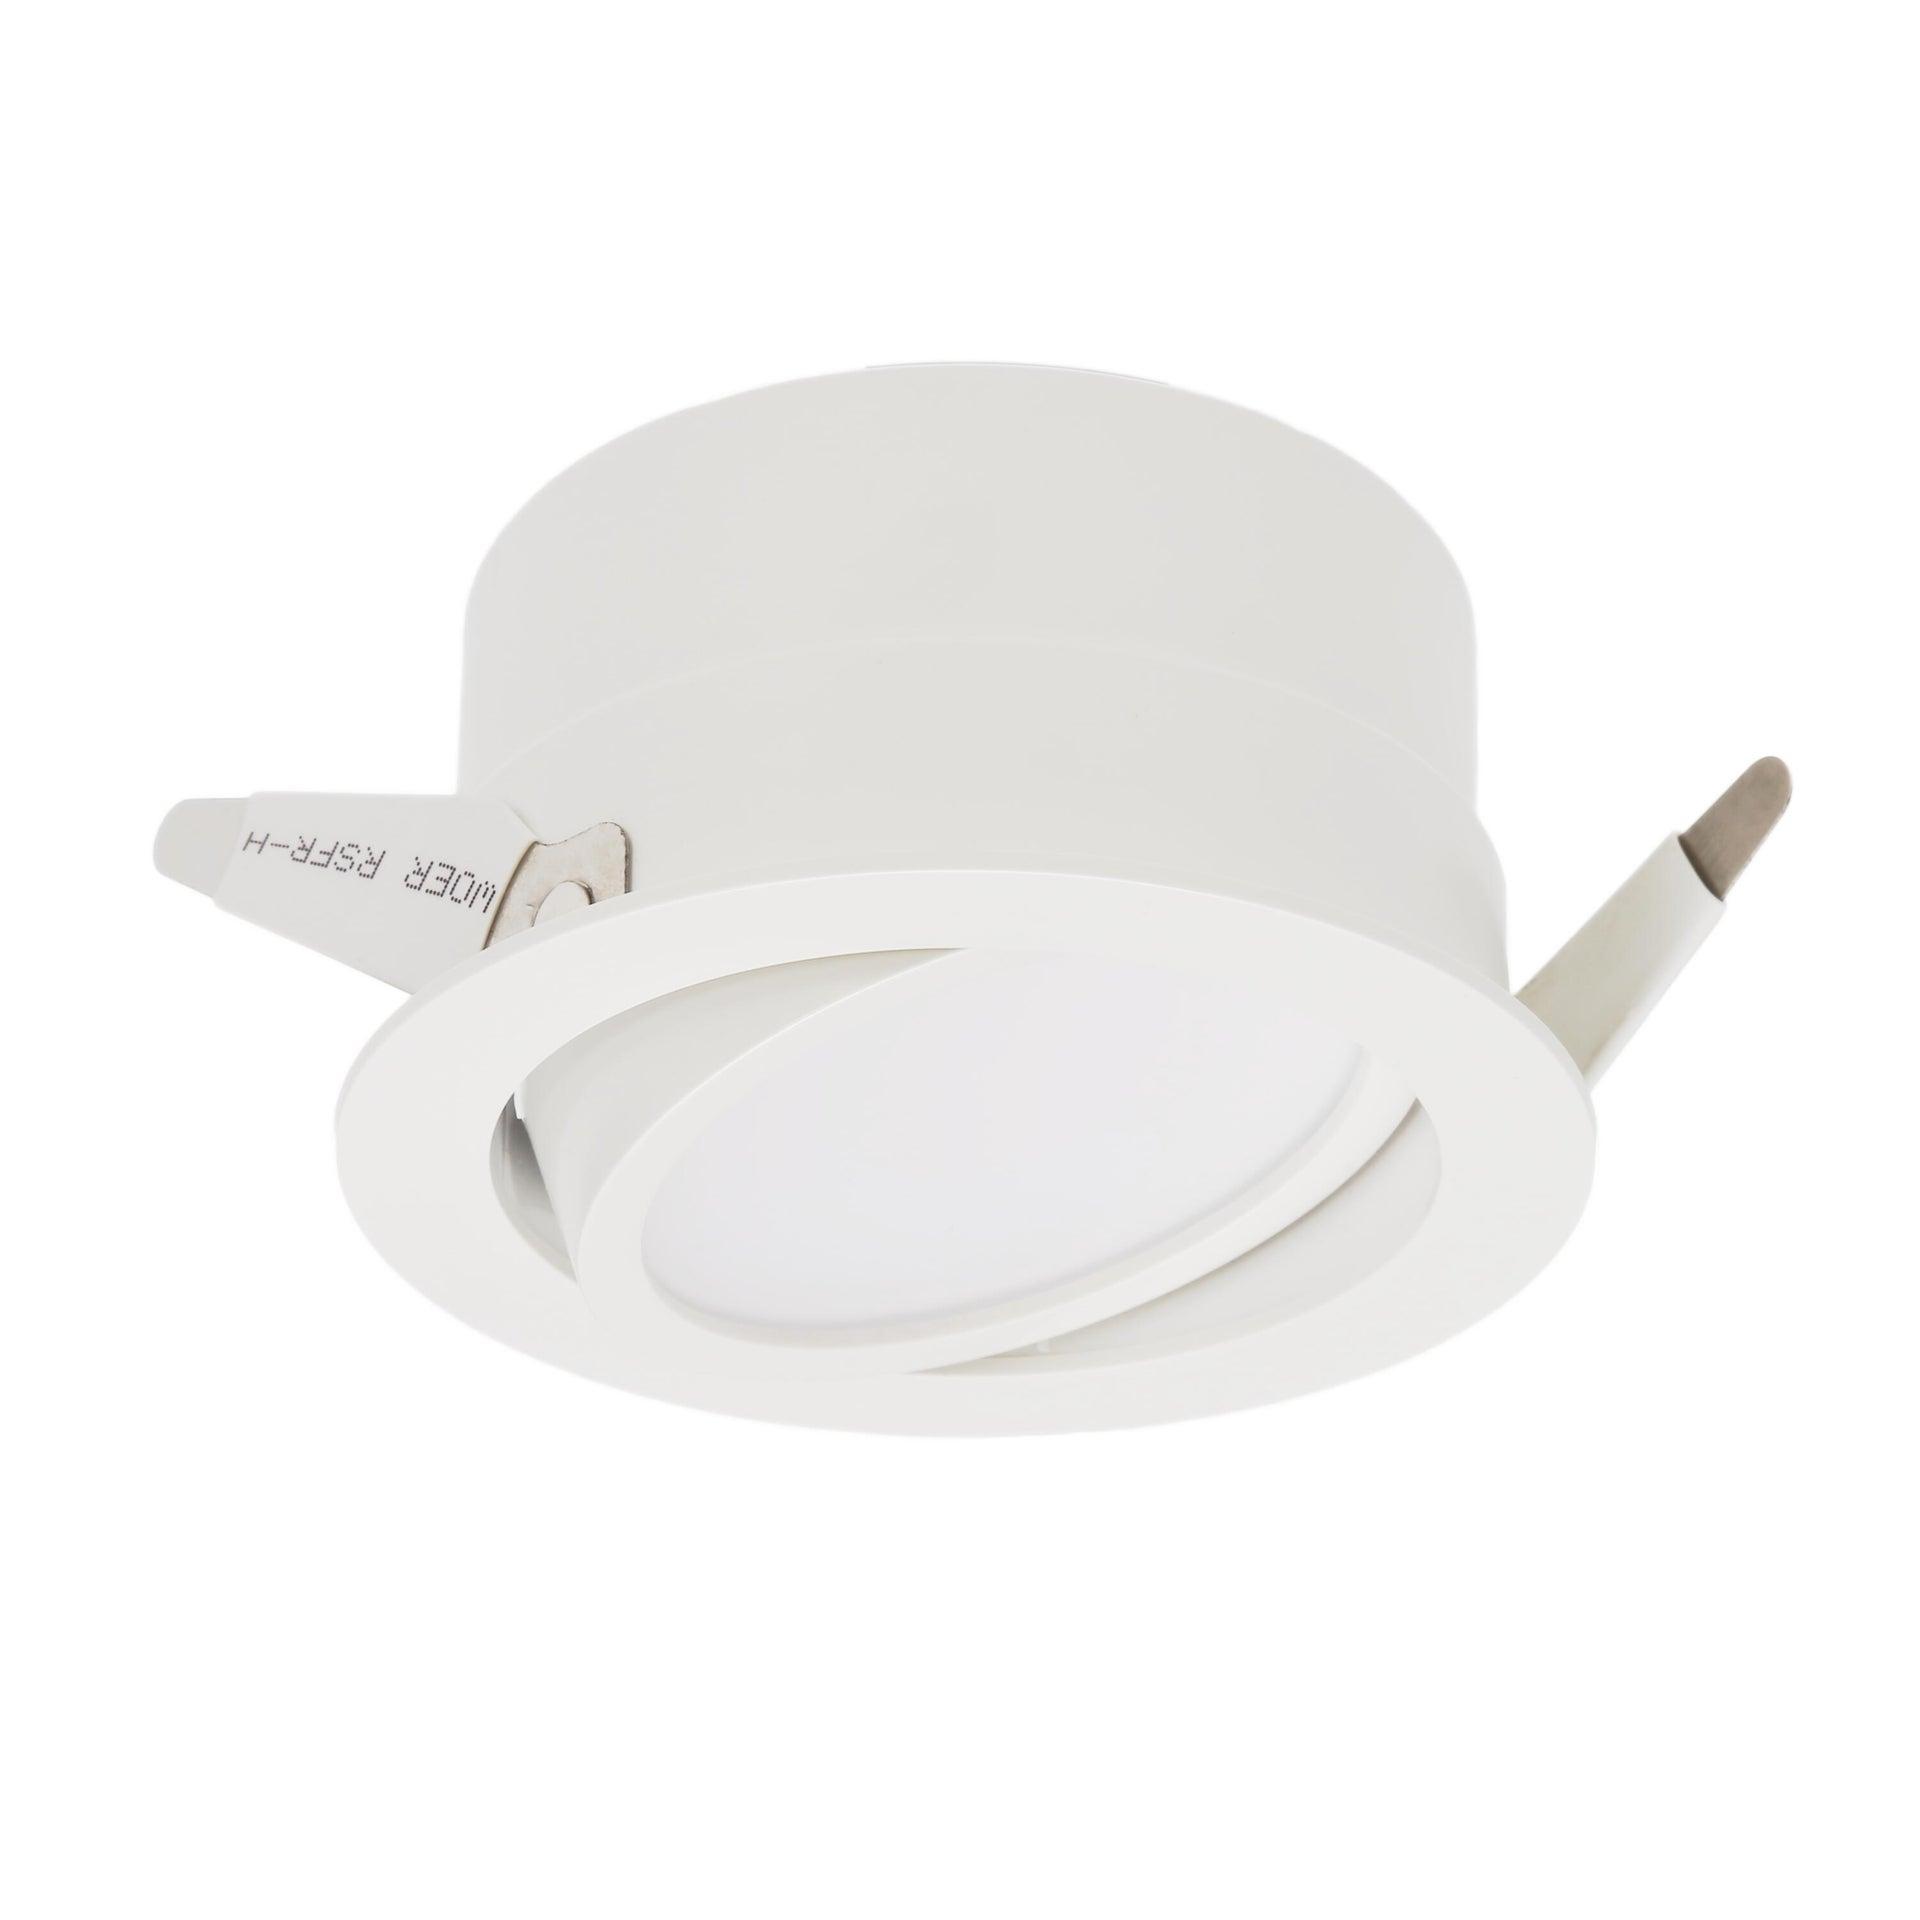 Faretto orientabile da incasso tondo Ori Lindi bianco, diam. 9 cm LED integrato 6.3W 550LM IP65 INSPIRE - 7